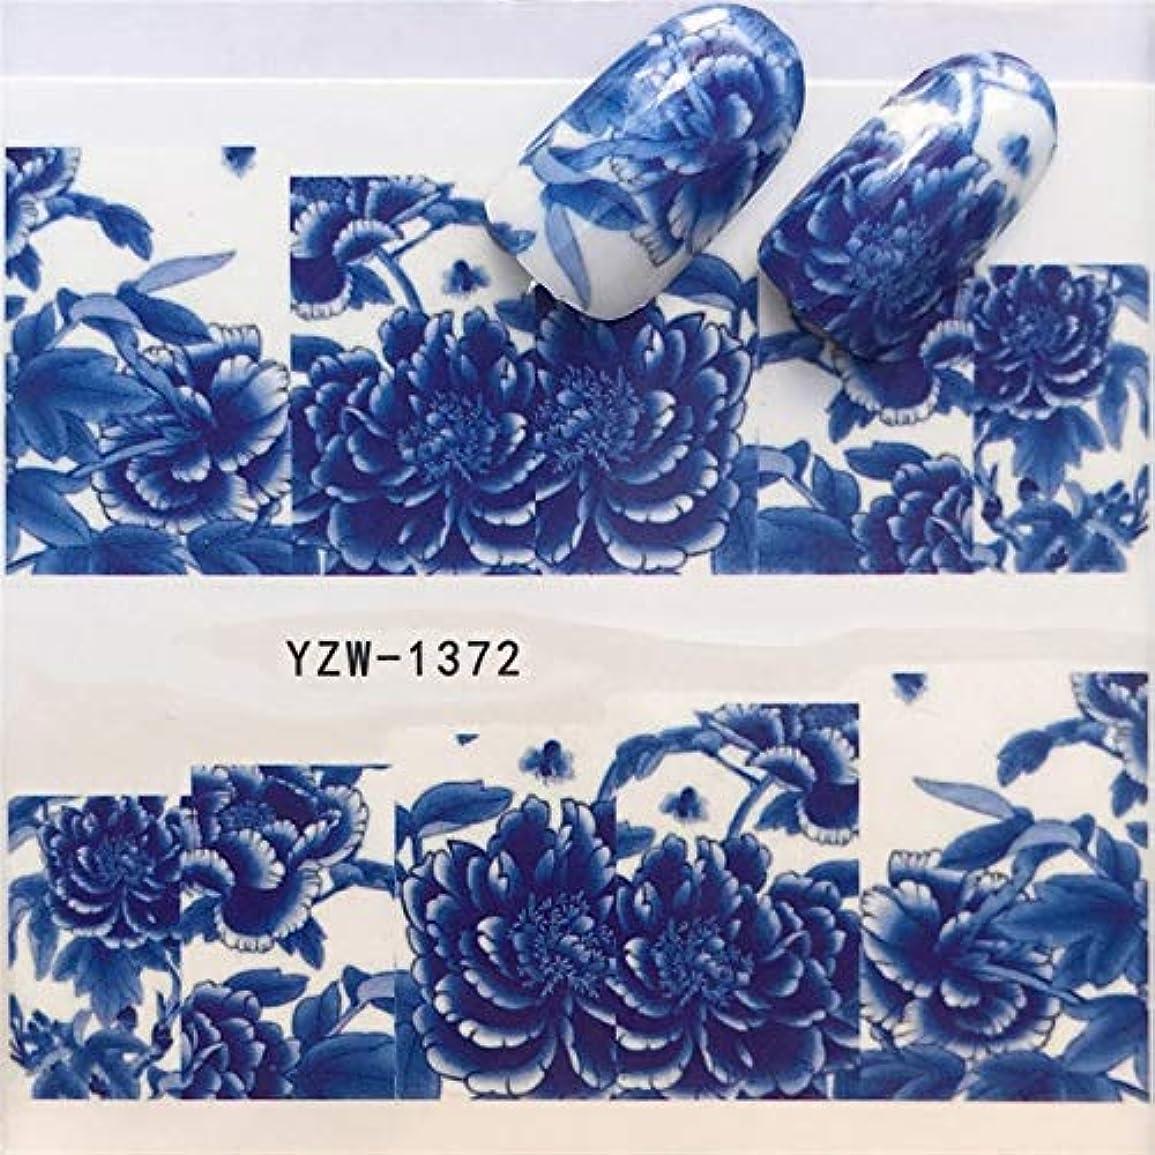 香ばしいおいしい瞬時にビューティー&パーソナルケア 3個ネイルステッカーセットデカール水転写スライダーネイルアートデコレーション、色:YZW 1372 ステッカー&デカール